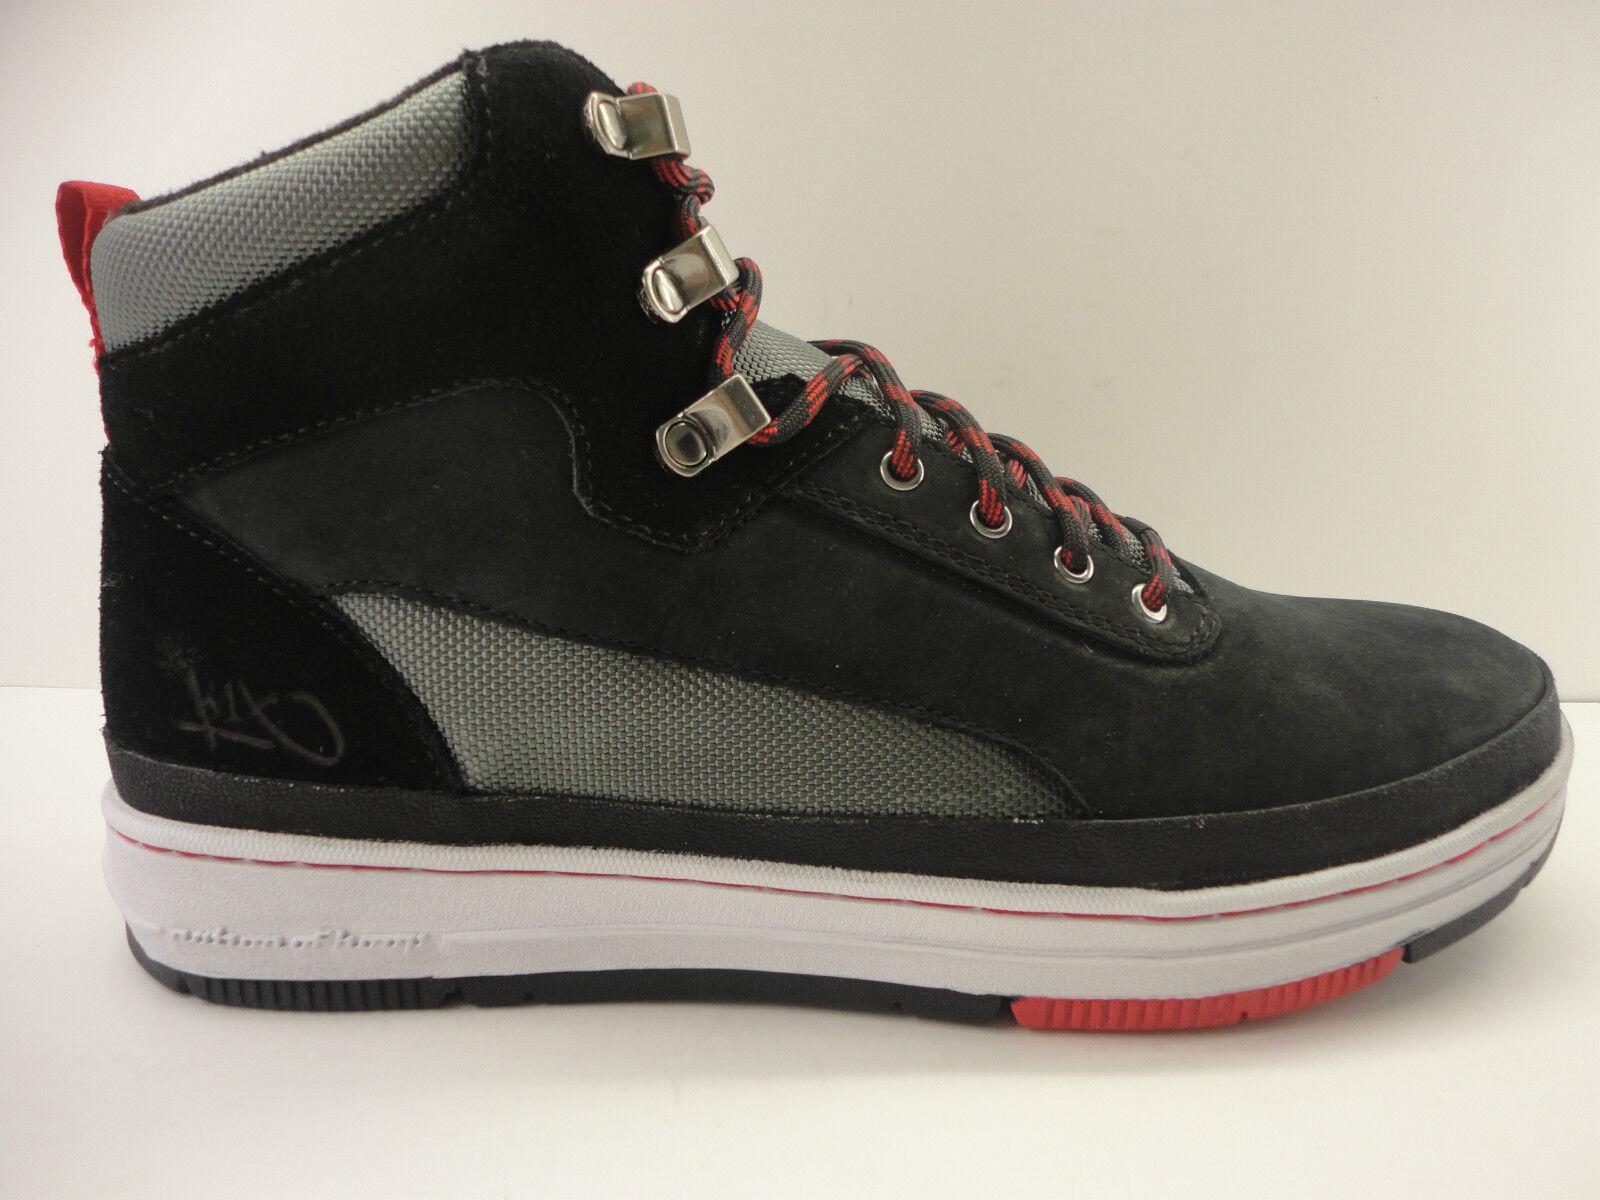 K1x 0826 GK 3000 le 1000-0166 0826 K1x Boots Stivali Inverno Scarpe 923735